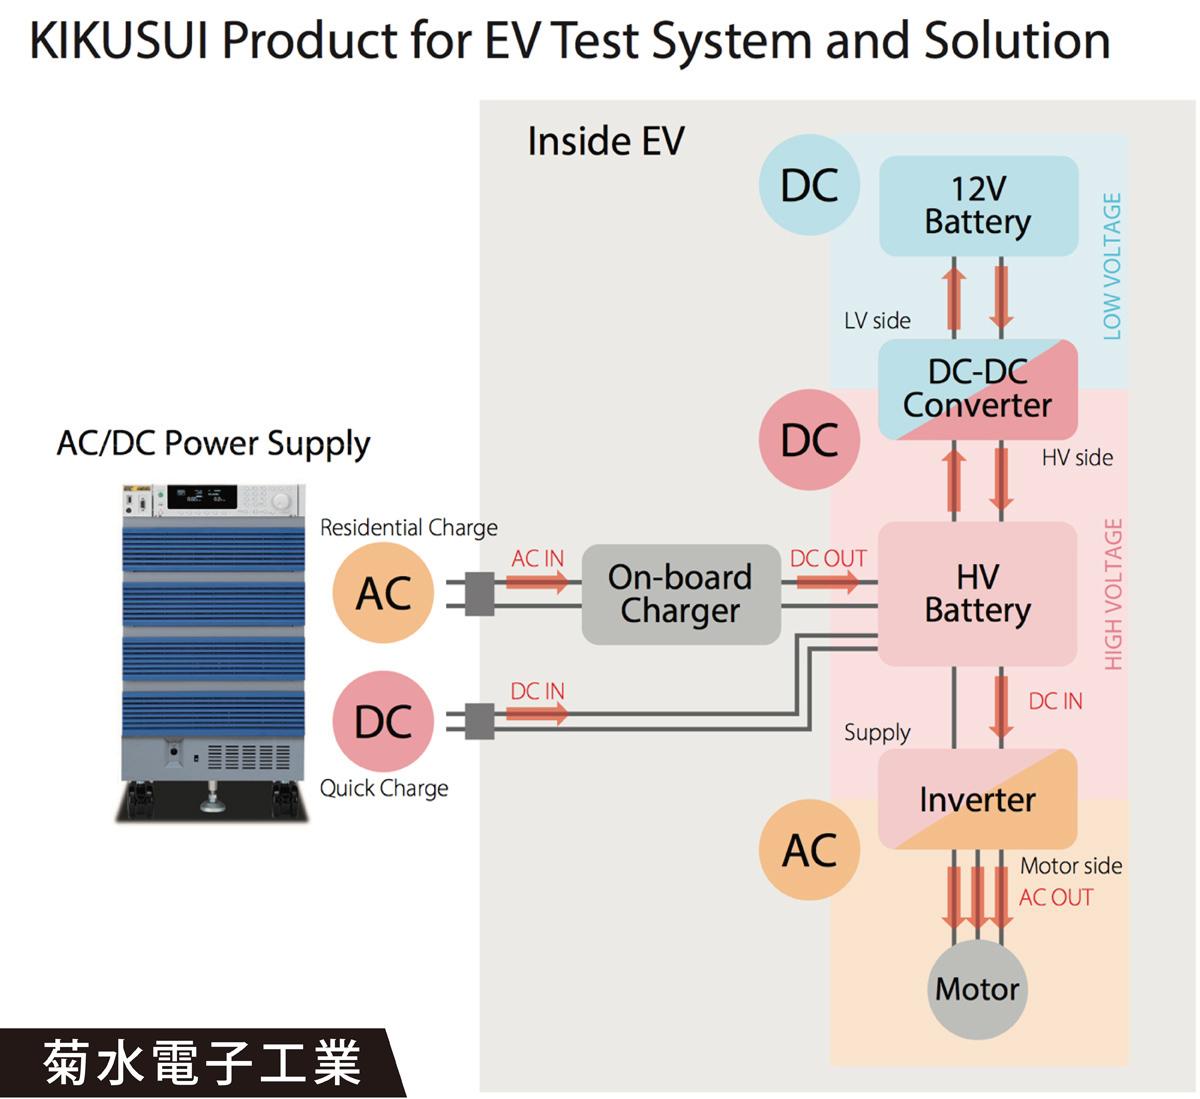 「菊水電子工業」によるEVソリューション一例